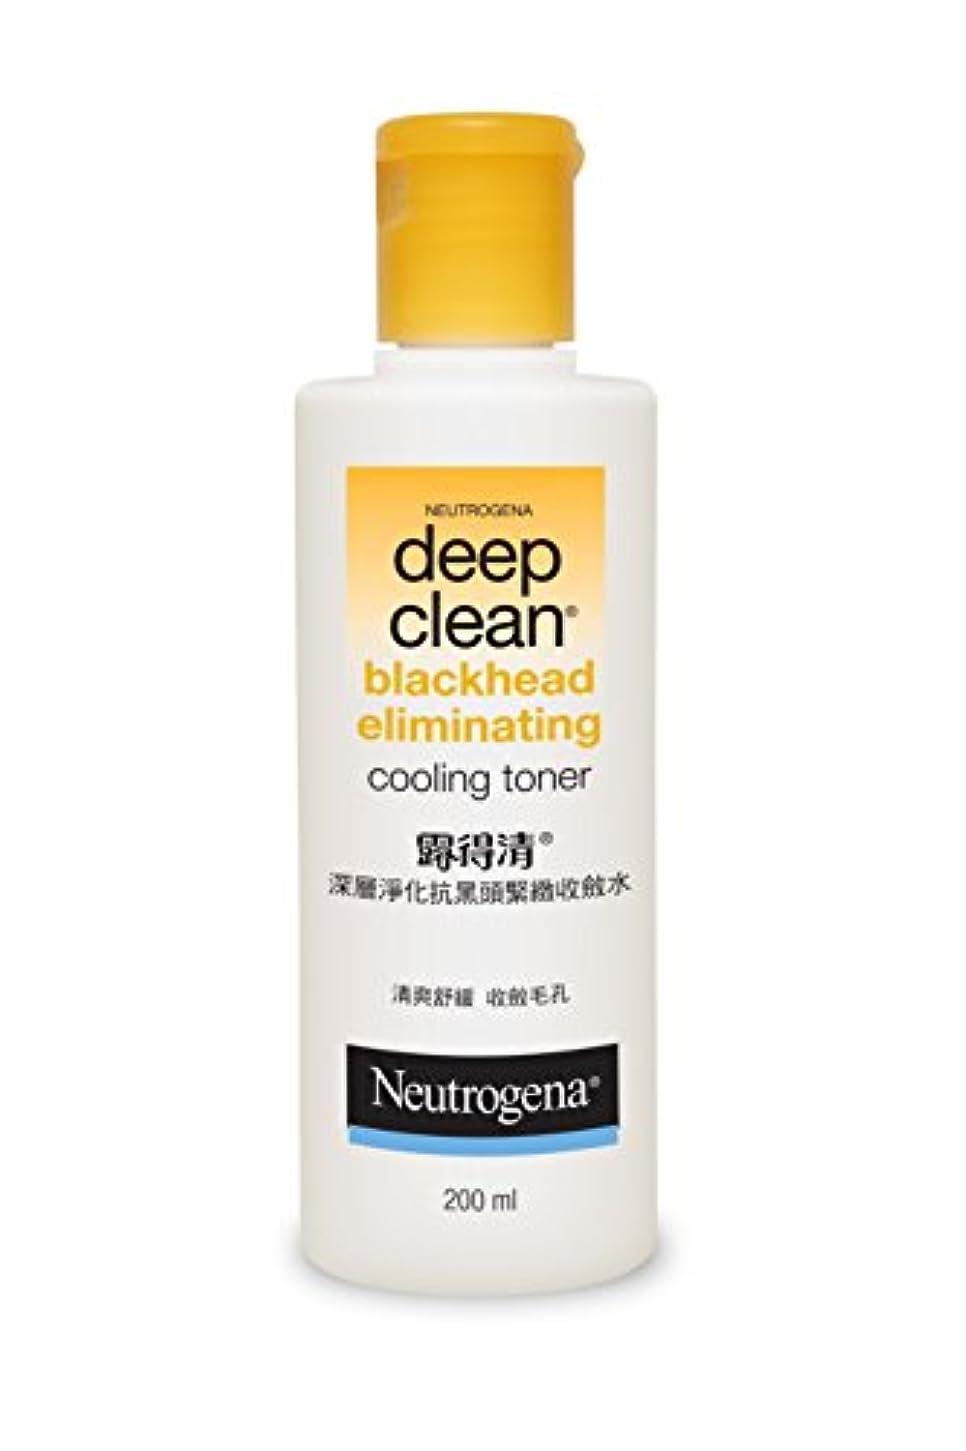 賞淡い置換Neutrogena Deep Clean Blackhead Eliminating Cooling Toner, 200ml